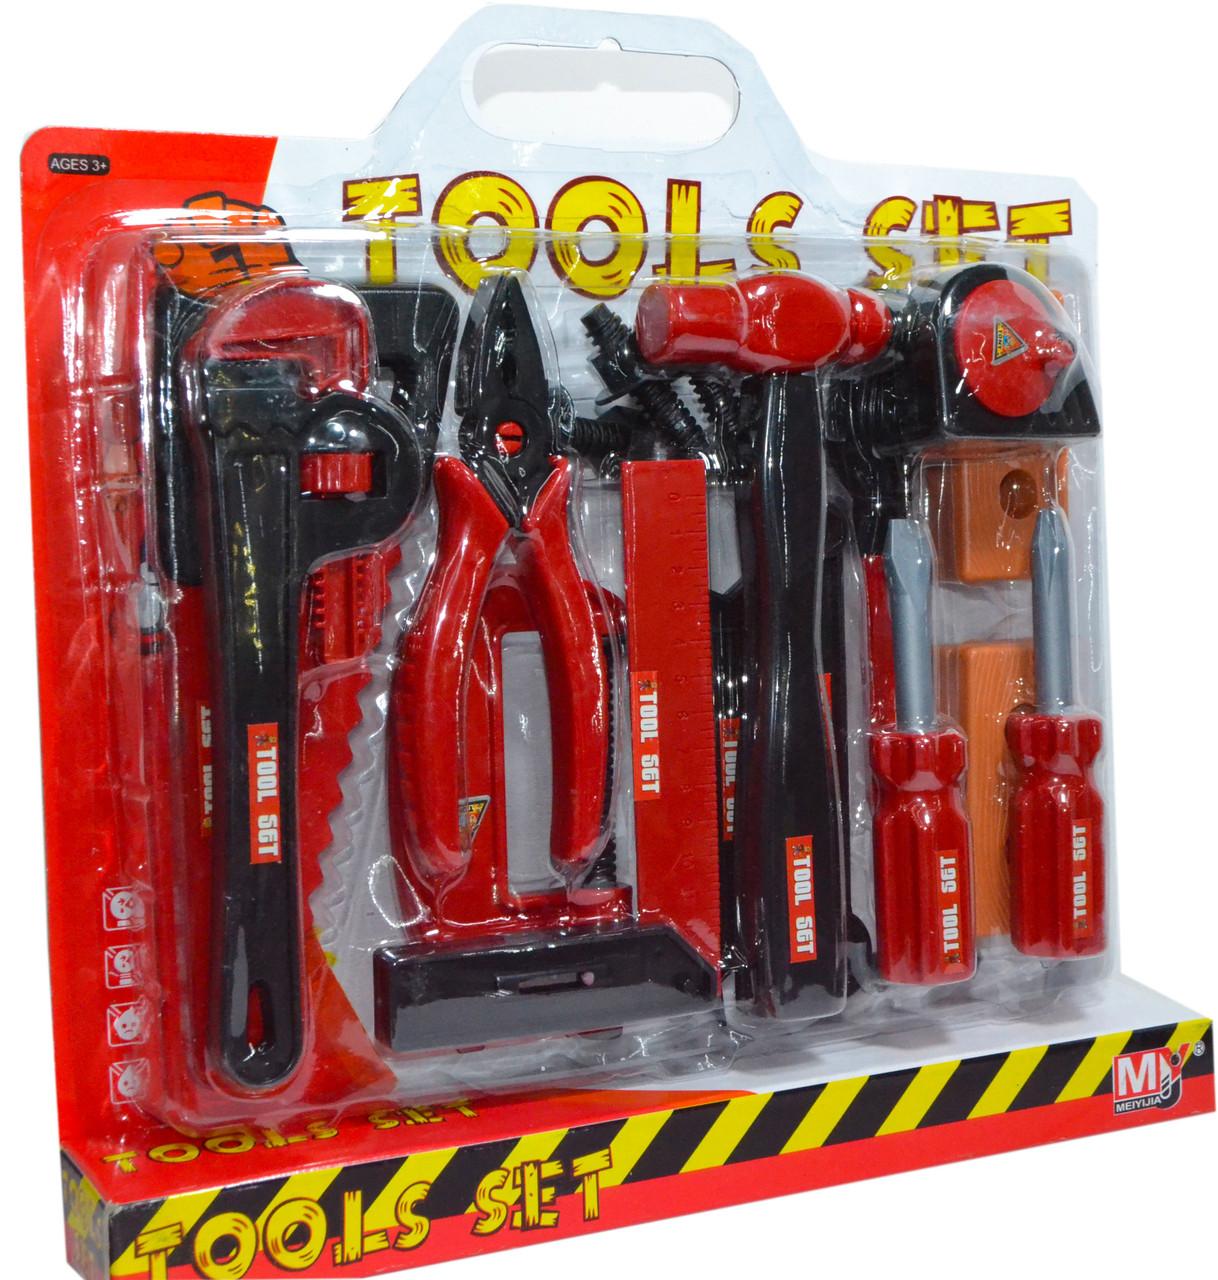 708A Инструменты Tools Set на картонке красный 35*34